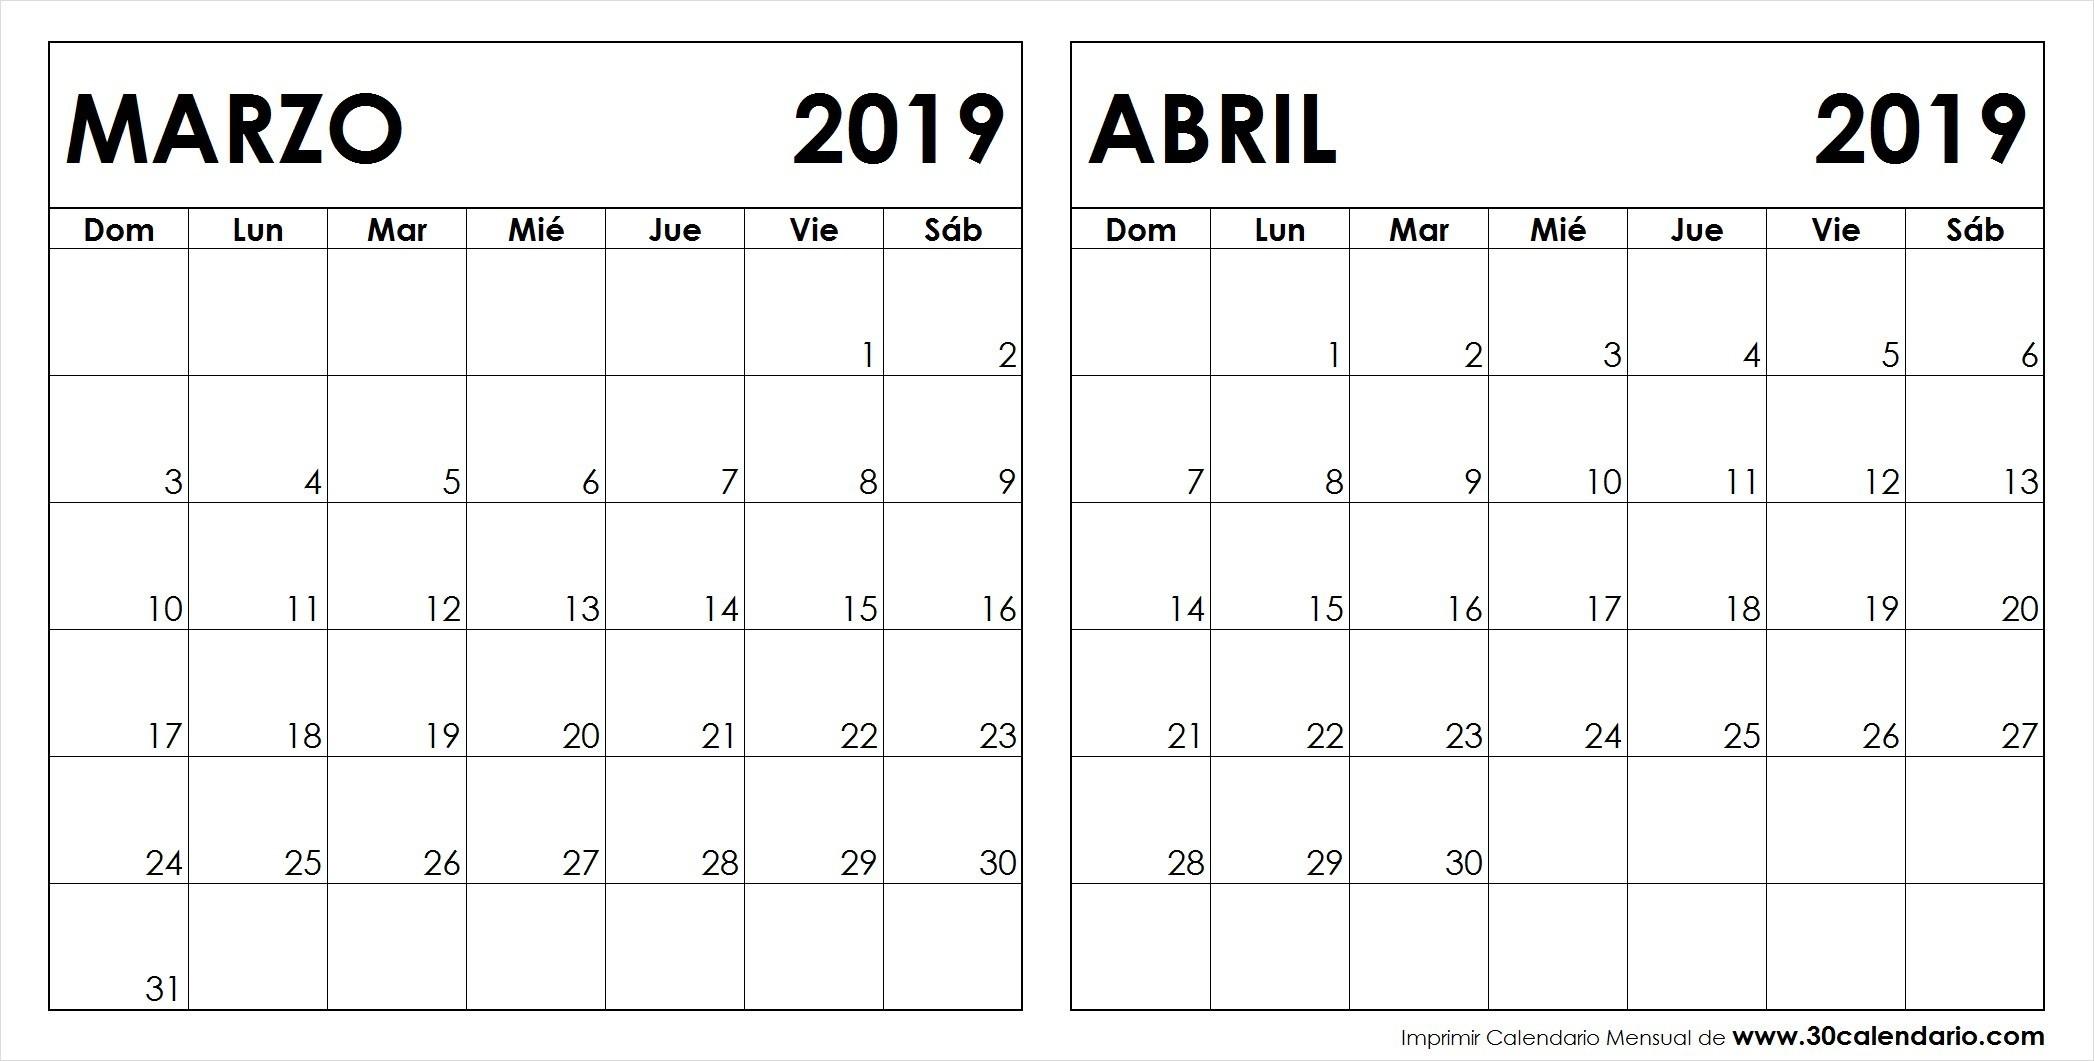 Calendario 2019 Colombia Con Festivos Pdf Mejores Y Más Novedosos Noticias Calendario Para Imprimir Con Festivos 2019 Of Calendario 2019 Colombia Con Festivos Pdf Más Arriba-a-fecha El Mundo 0601 [pdf Document]